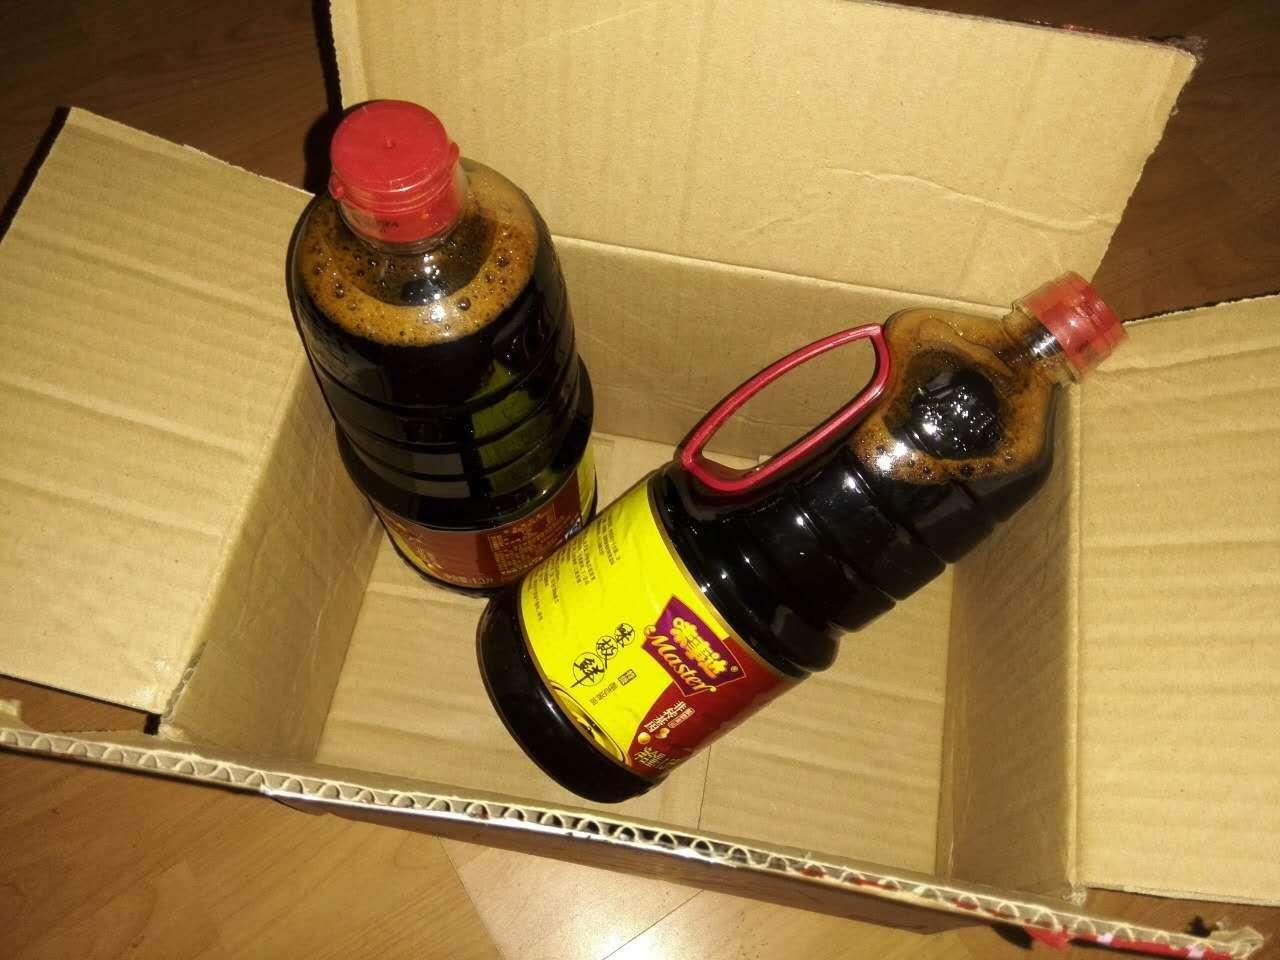 味事达(Master)酱油味极鲜特级生抽点蘸凉拌酿造酱油1.9L卡夫亨氏出品